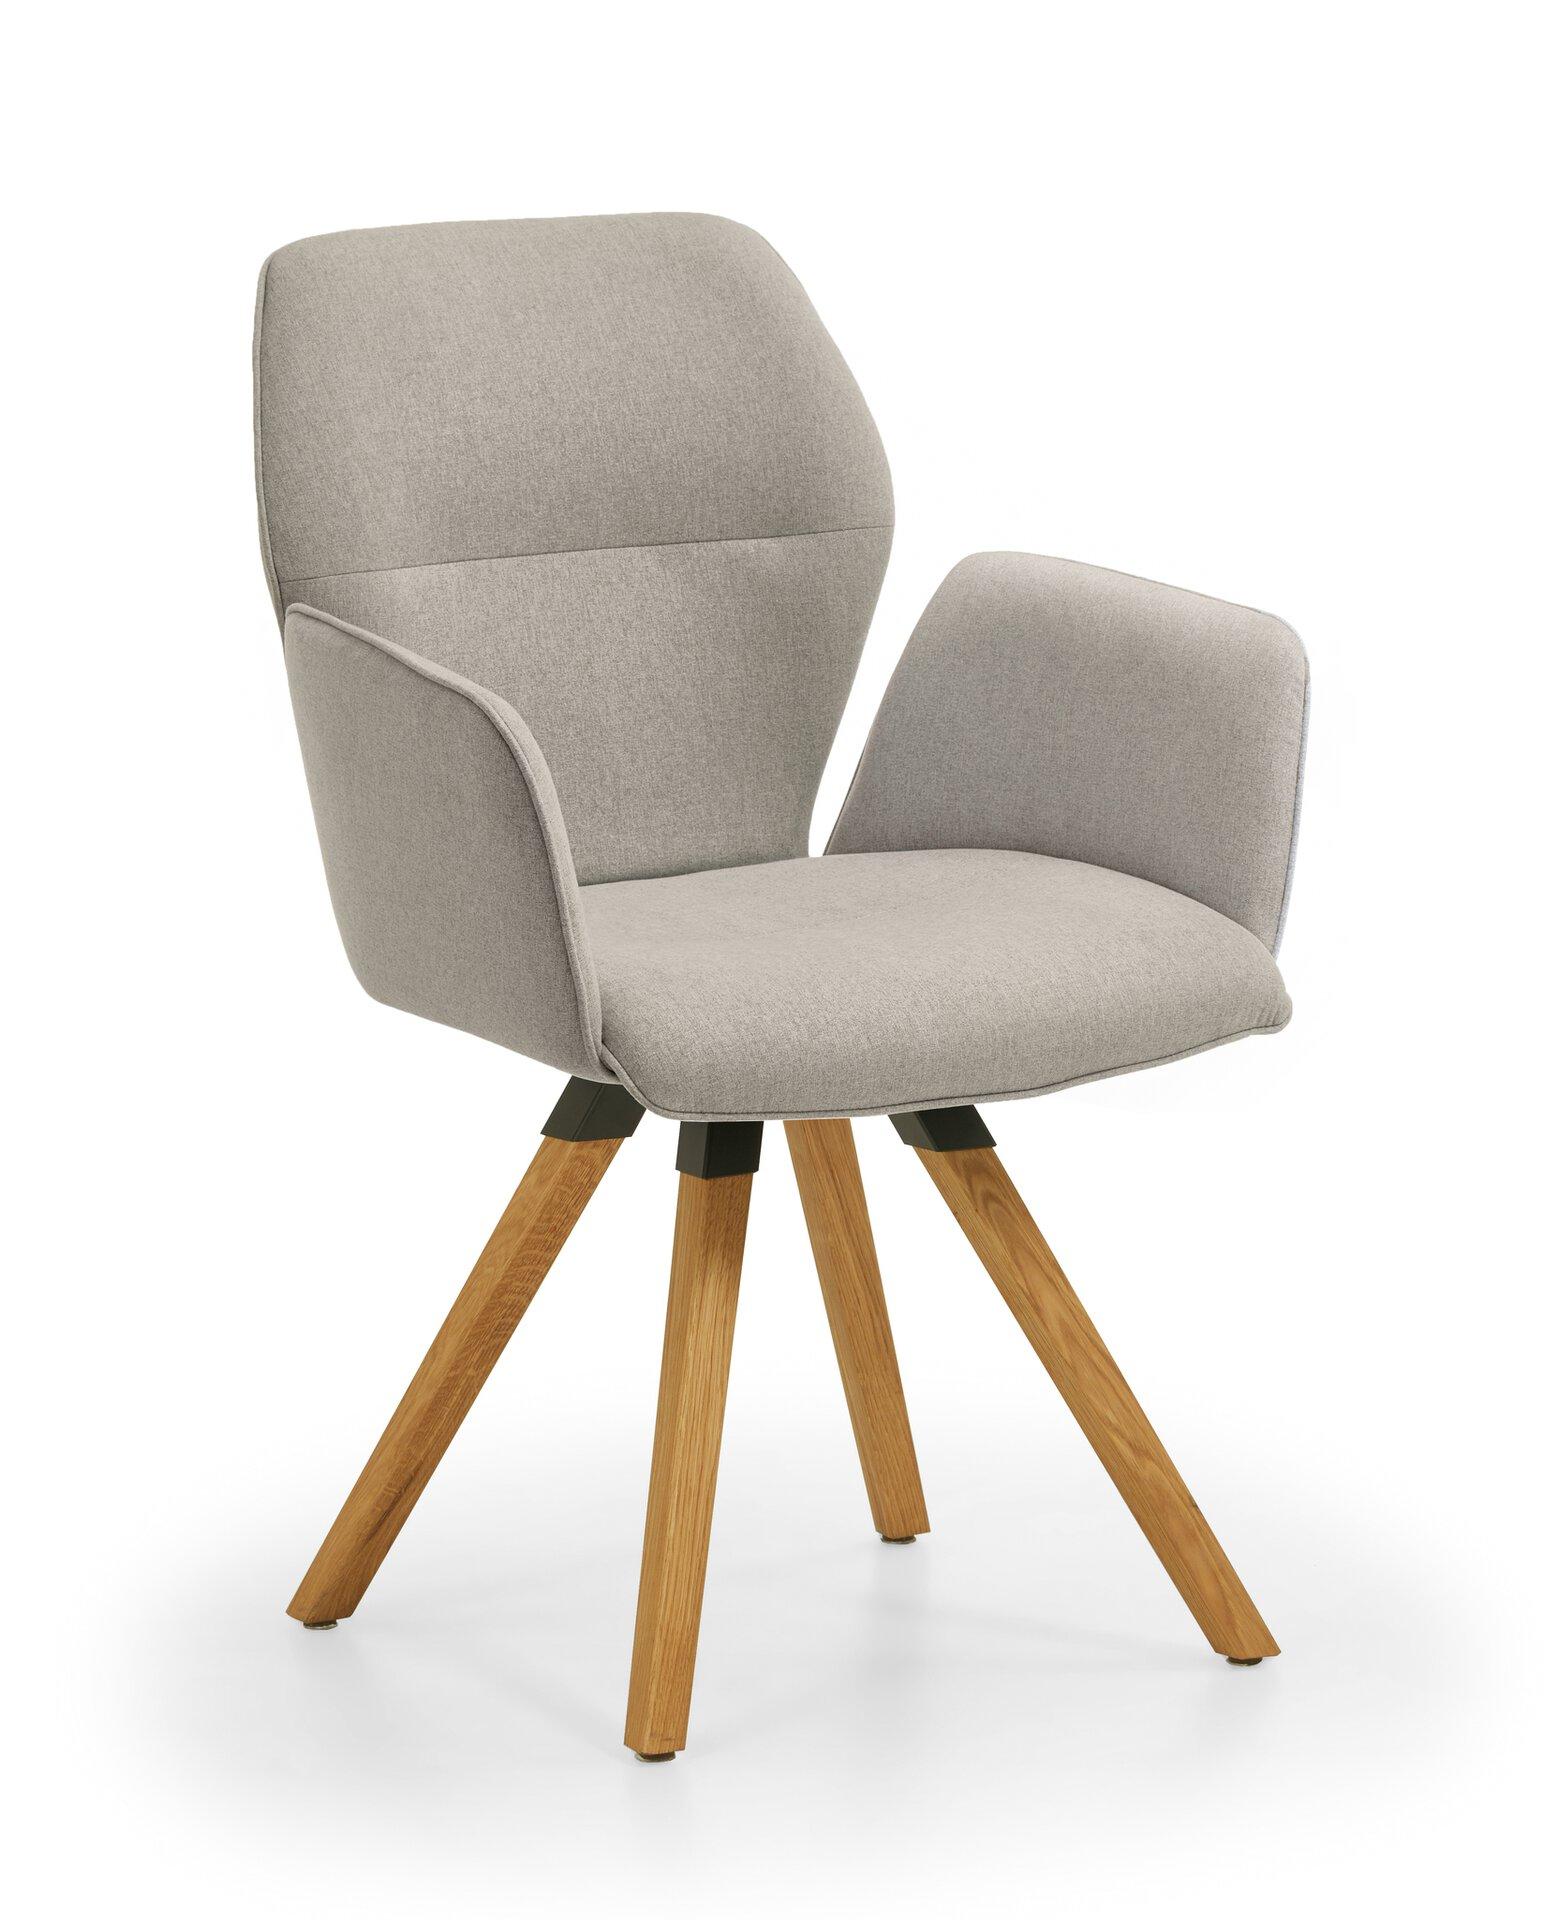 Stuhl MERLOT Niehoff Sitzmöbel Textil 60 x 90 x 62 cm